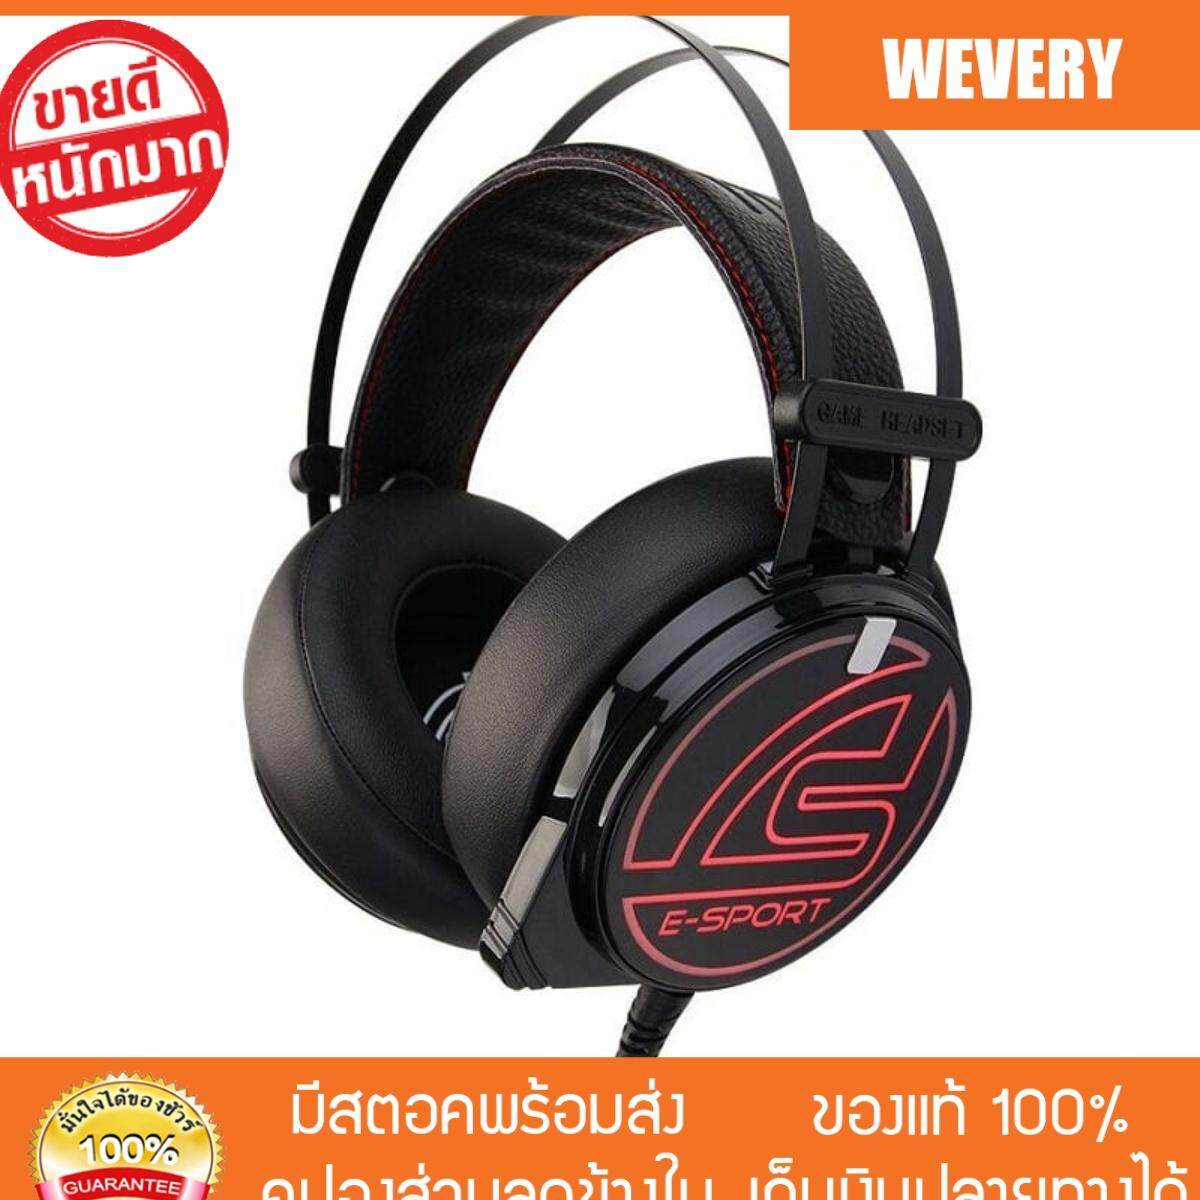 ขายดีมาก! [Wevery] หูฟังเกมส์ ซิกโน รุ่น HP-818เอส headphone gaming หูฟังเกมมิ่ง หูฟังครอบหู หูฟังสำหรับคอม หูฟังแบบครอบ ส่ง Kerry เก็บปลายทางได้